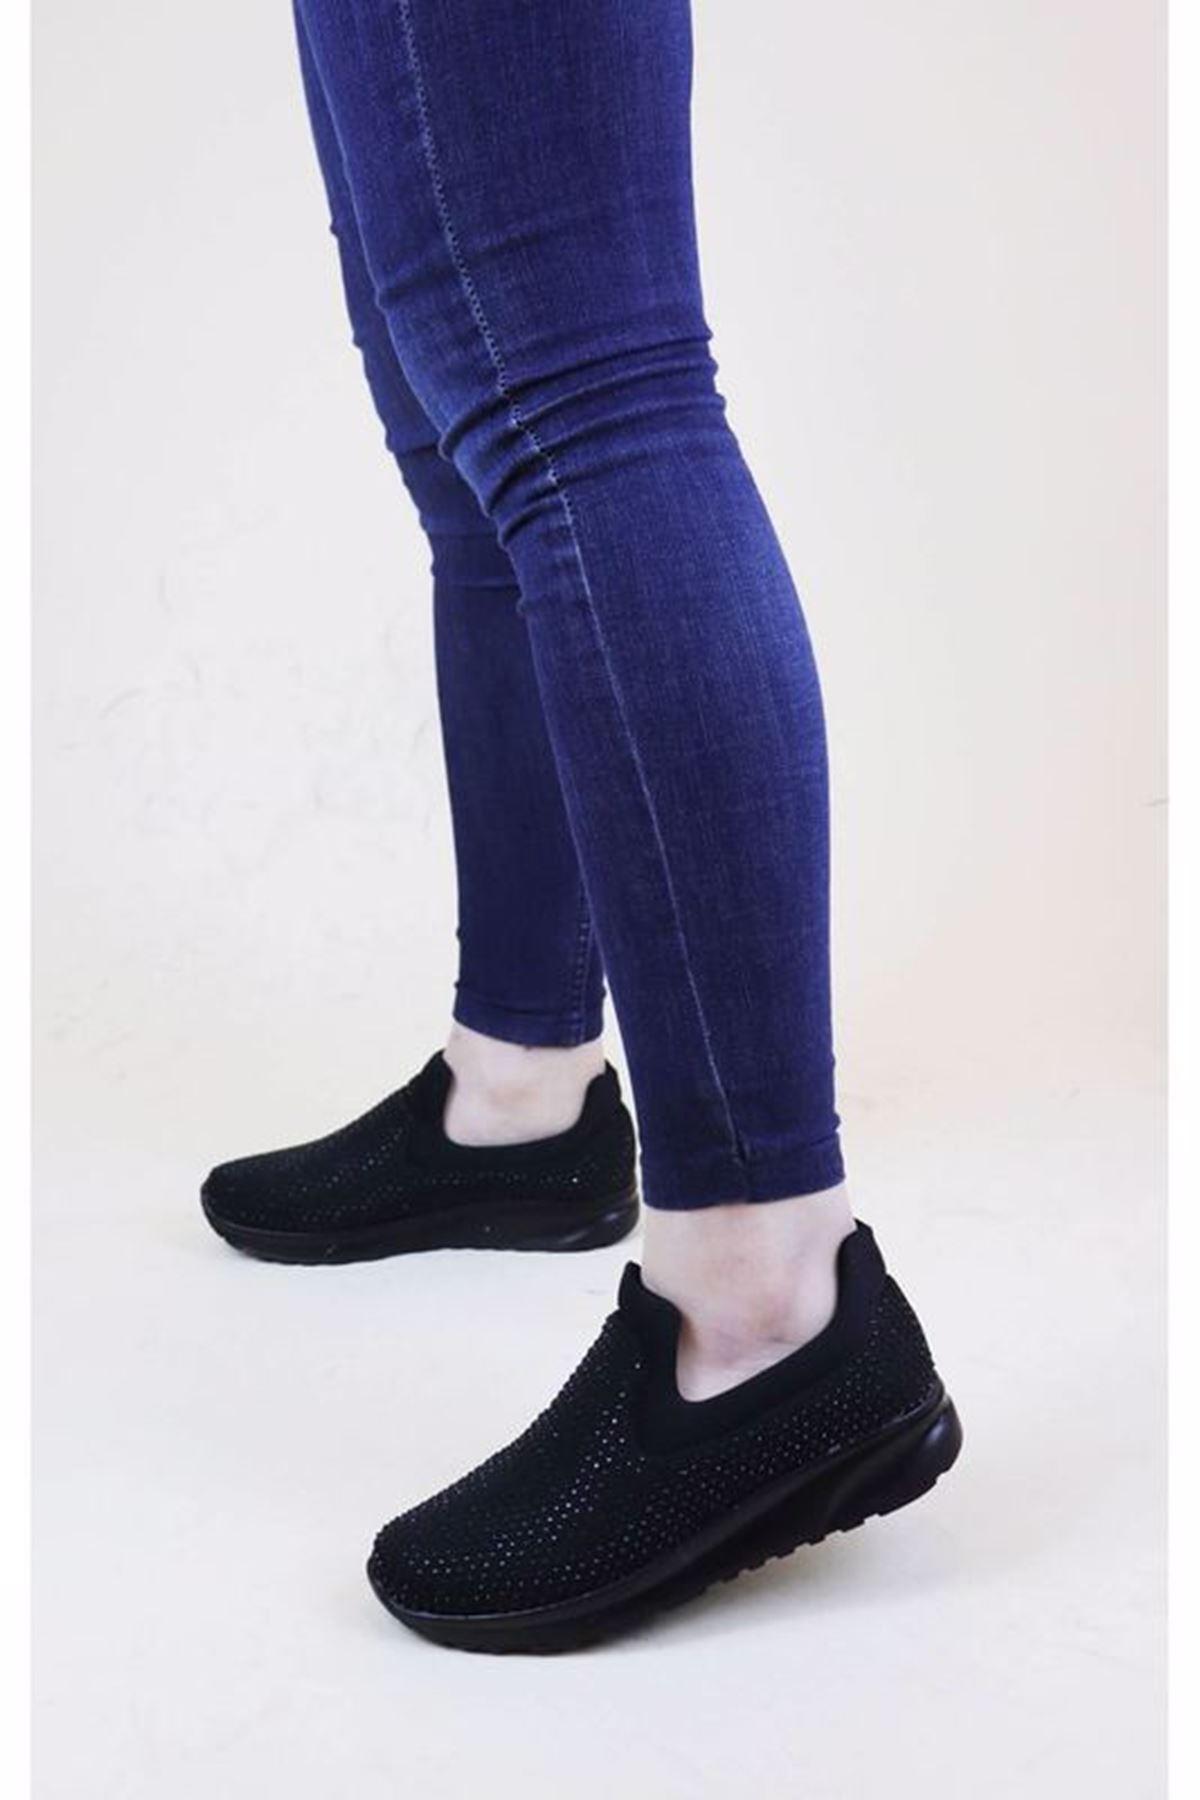 Trend Ayakkabı 1011 Siyah Taşlı Kadın Düz Ayakkabı